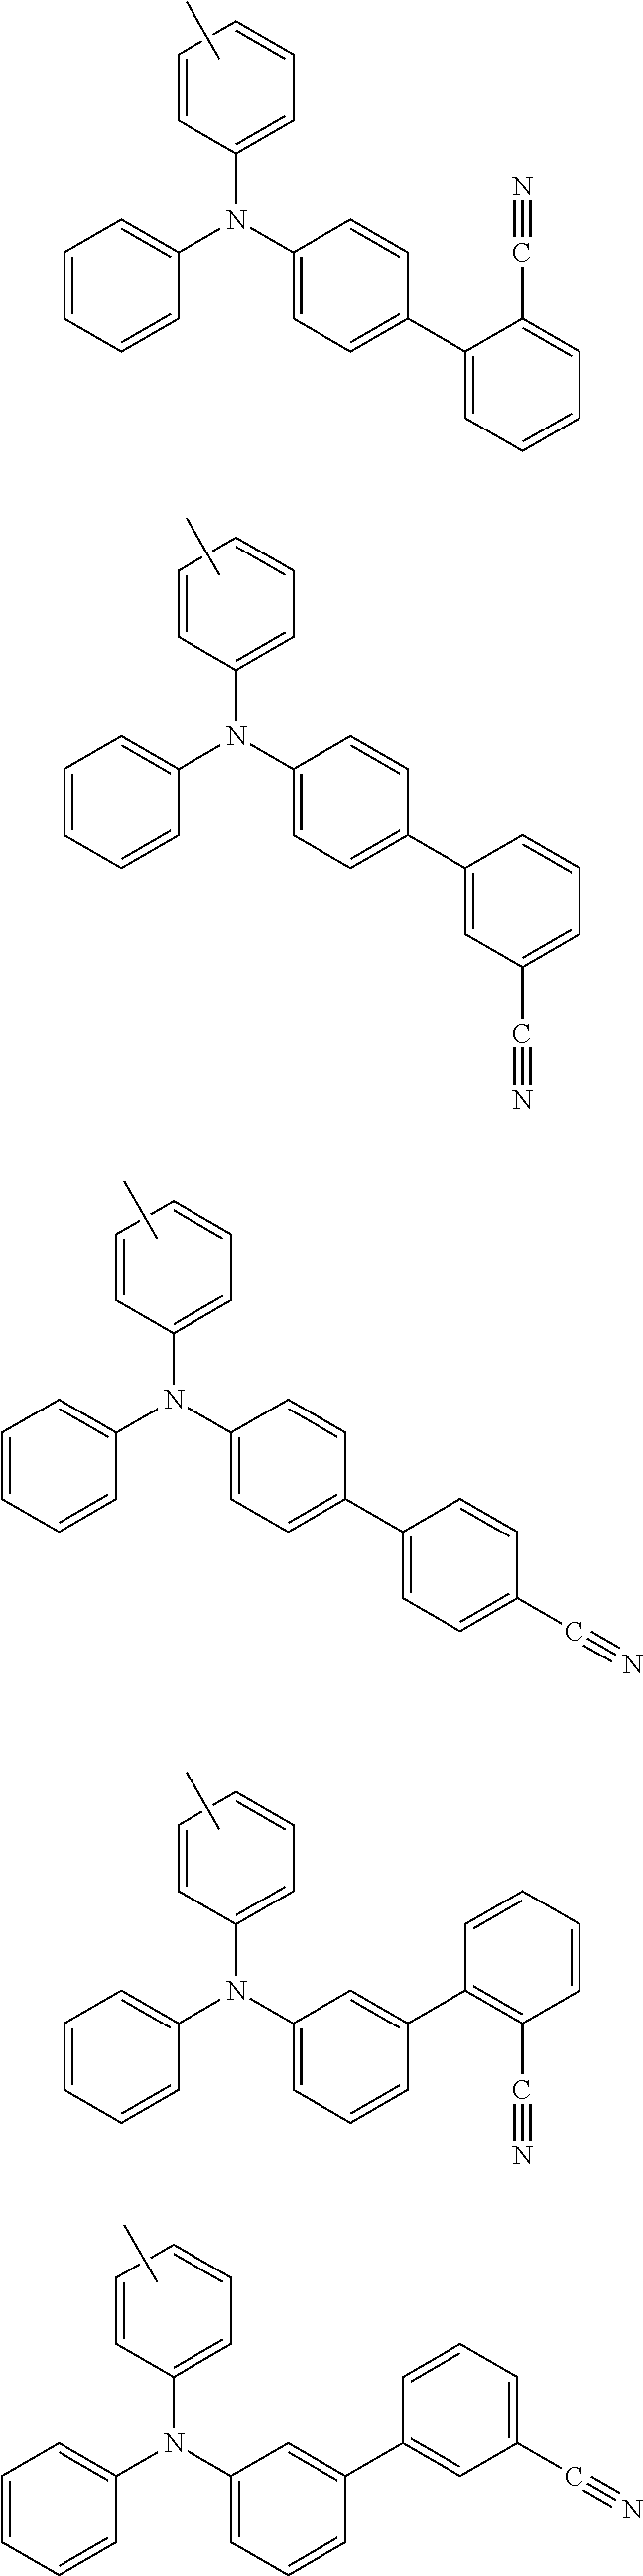 Figure US20150280139A1-20151001-C00026